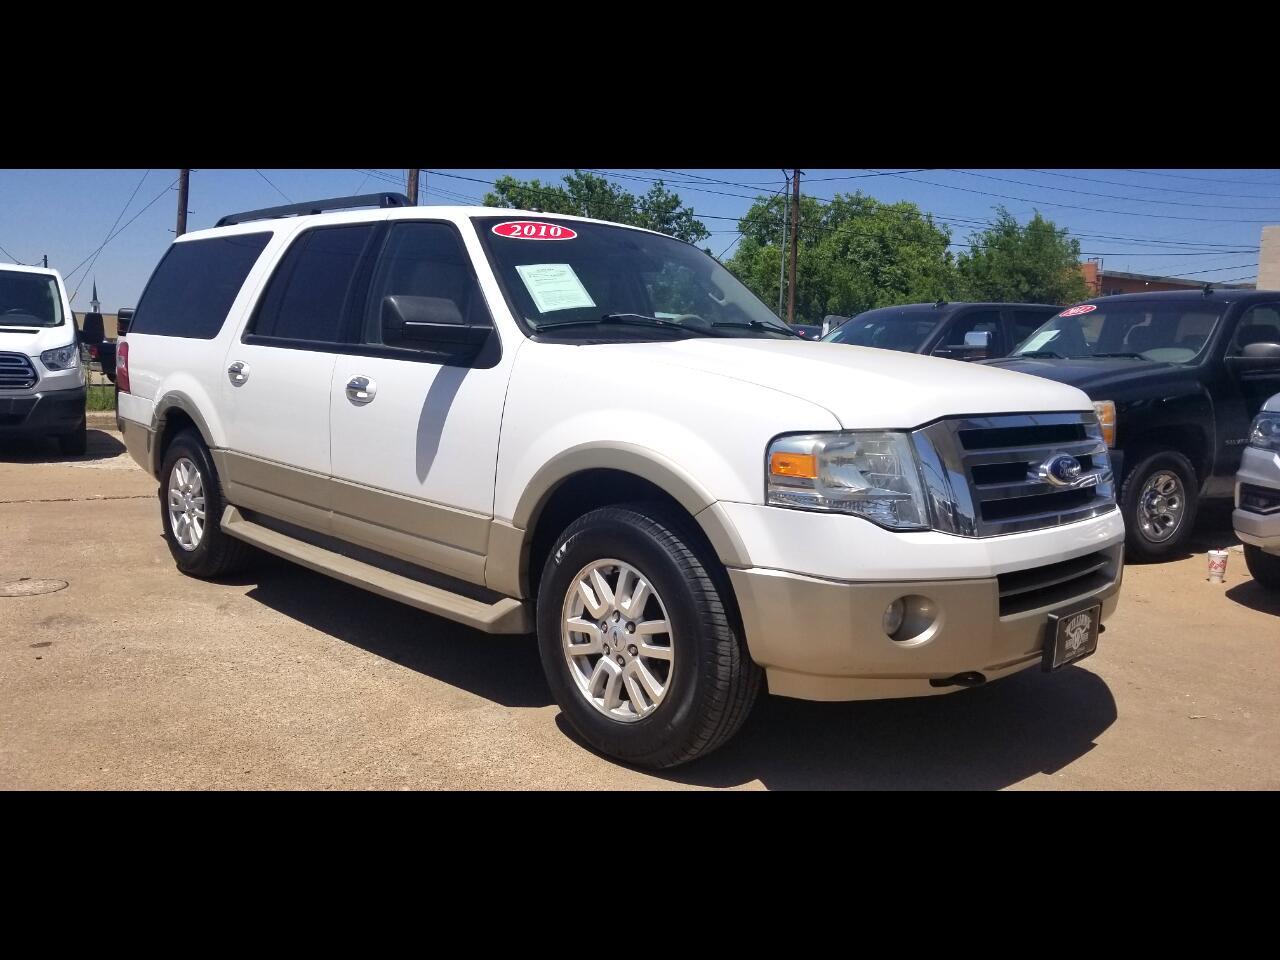 2010 Ford Expedition EL 4WD 4dr Eddie Bauer